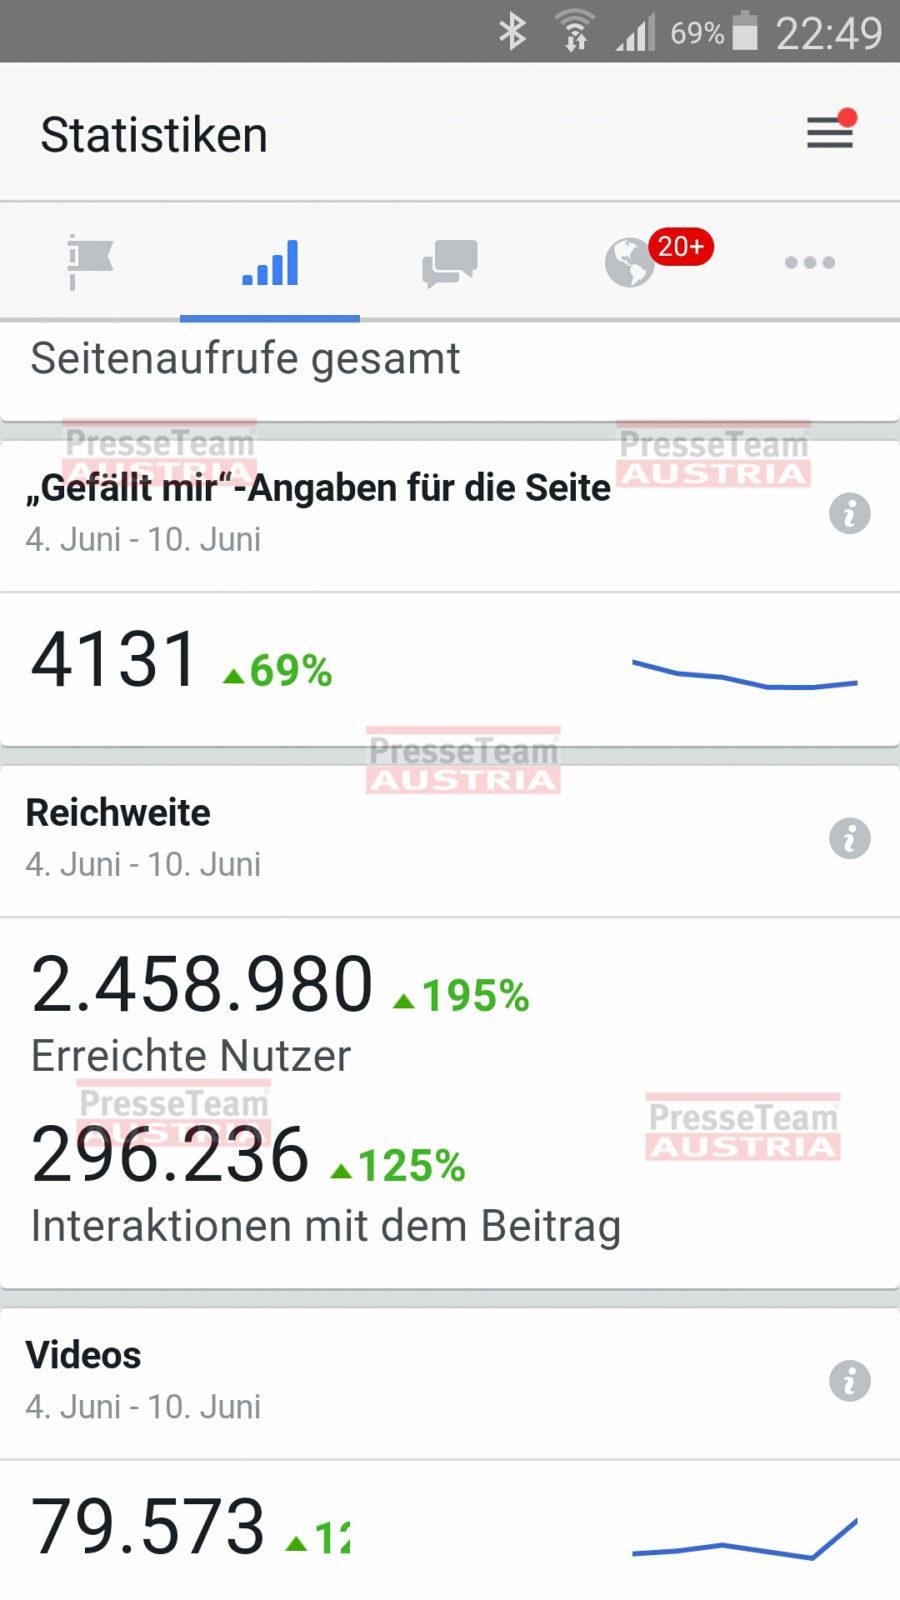 Facebook Marketing Schulung 20 - 10.730.101 Reichweite mit Facebook-Marketing: Der sichere Weg zu Ihrer Zielgruppe!